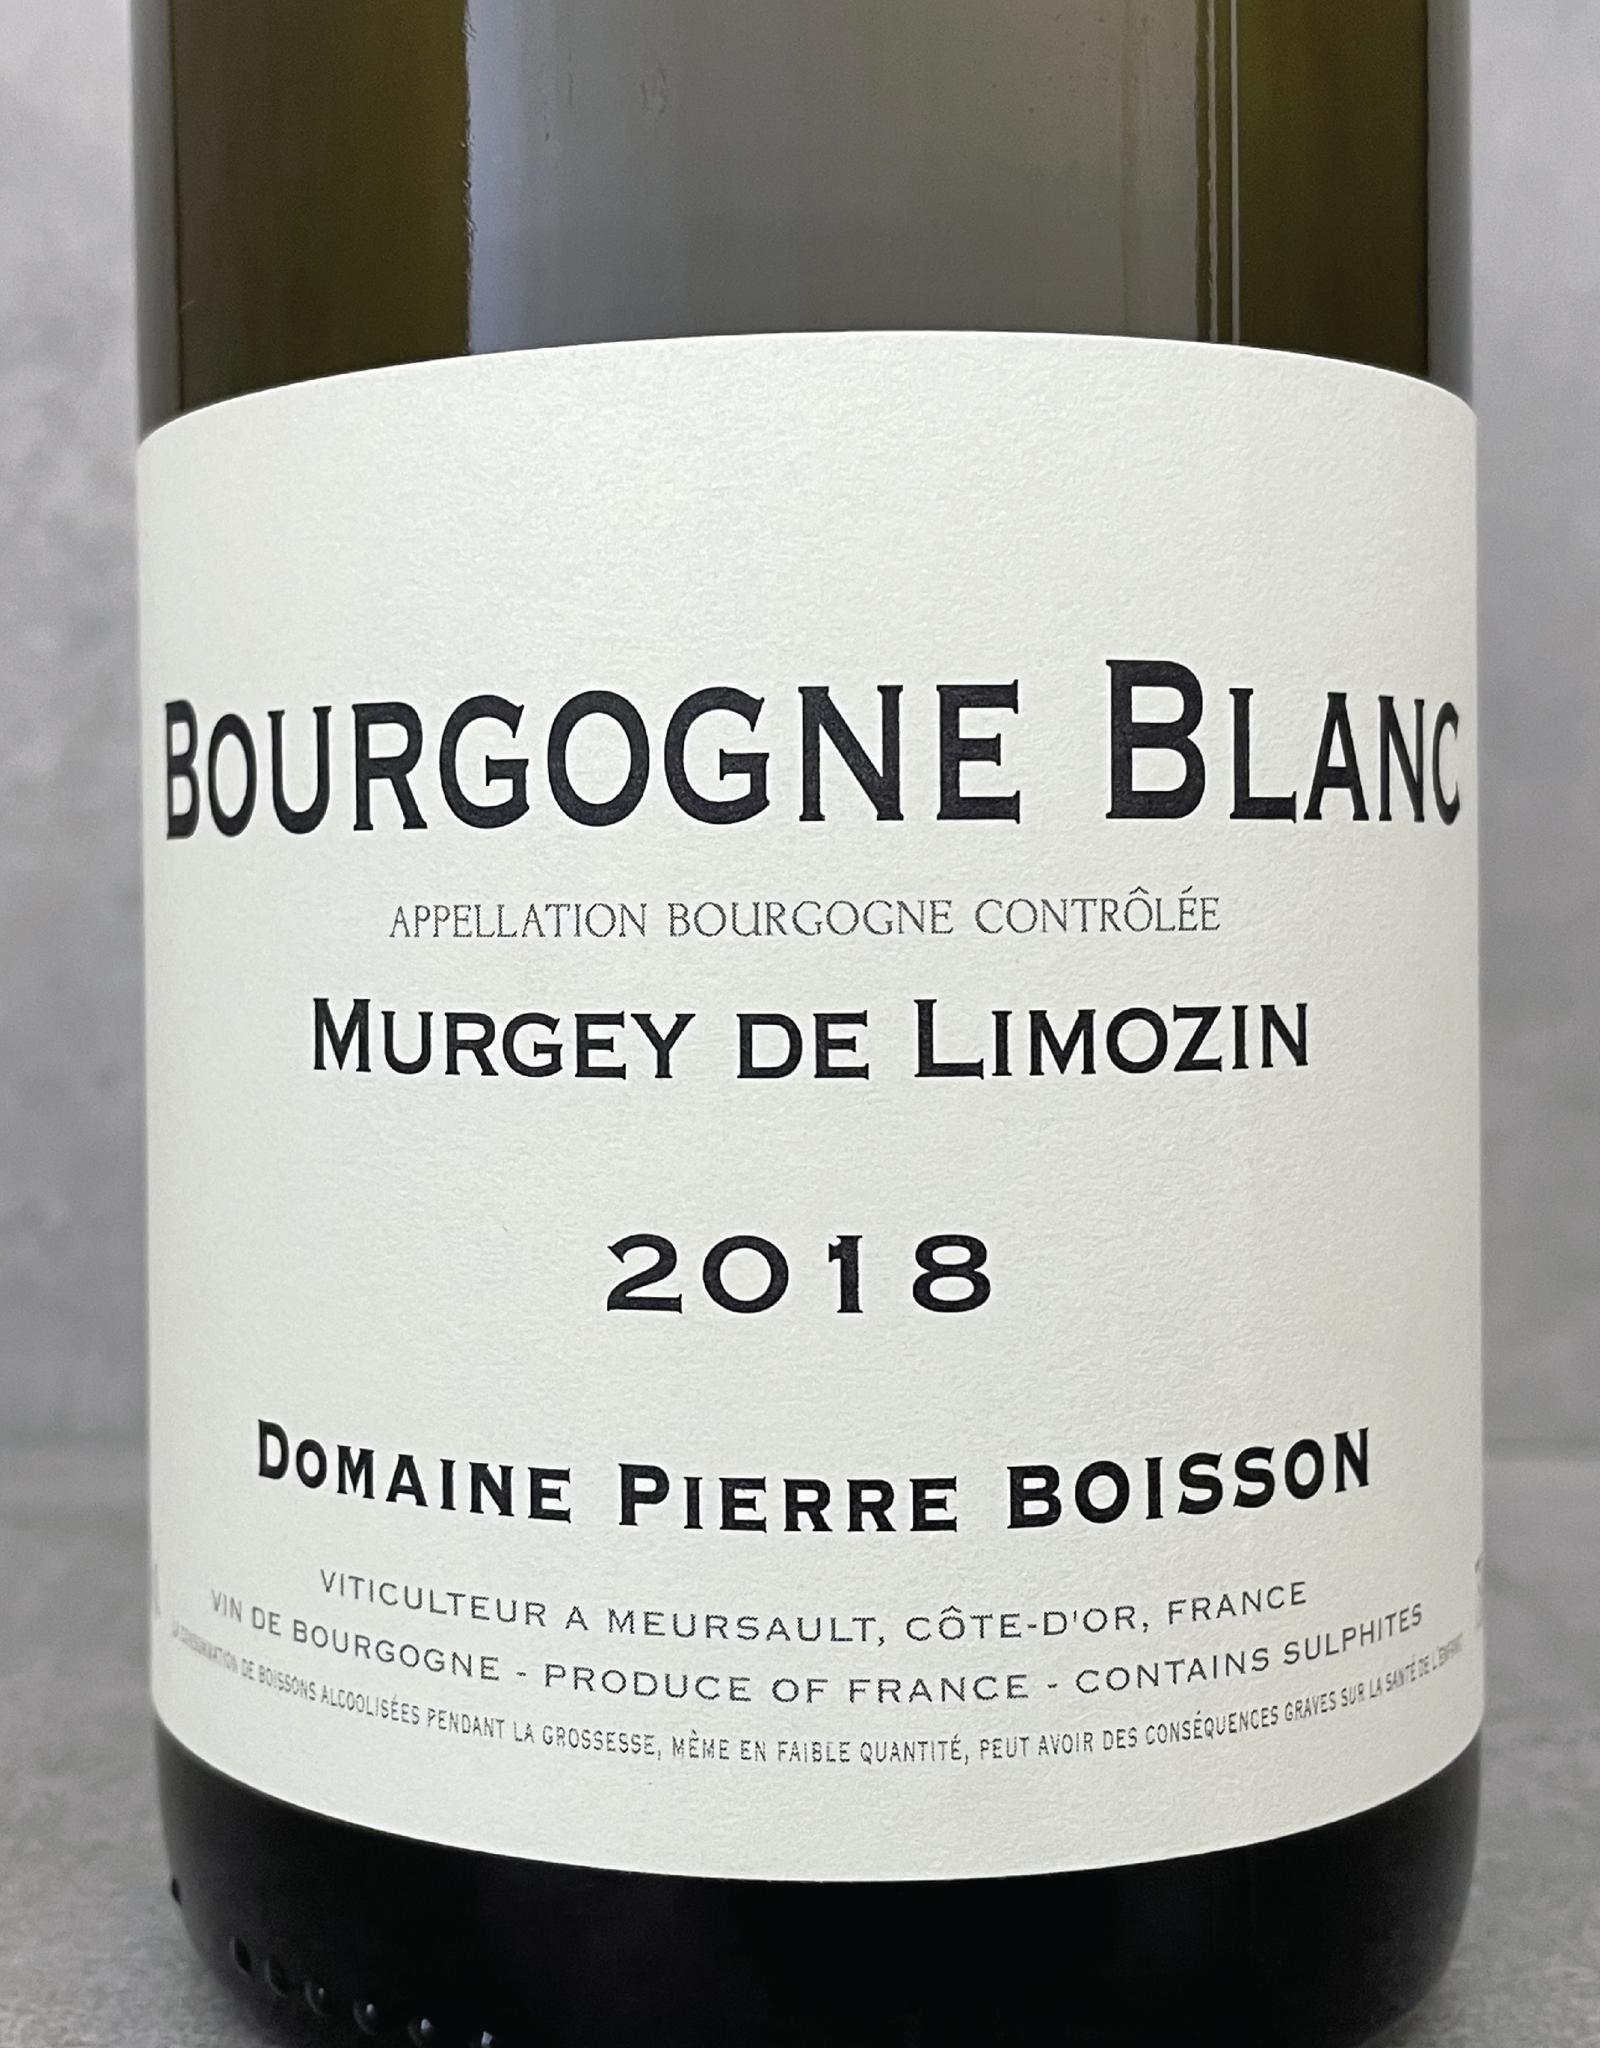 Pierre Boisson Bourgogne blanc Murgey de Limozin 2019